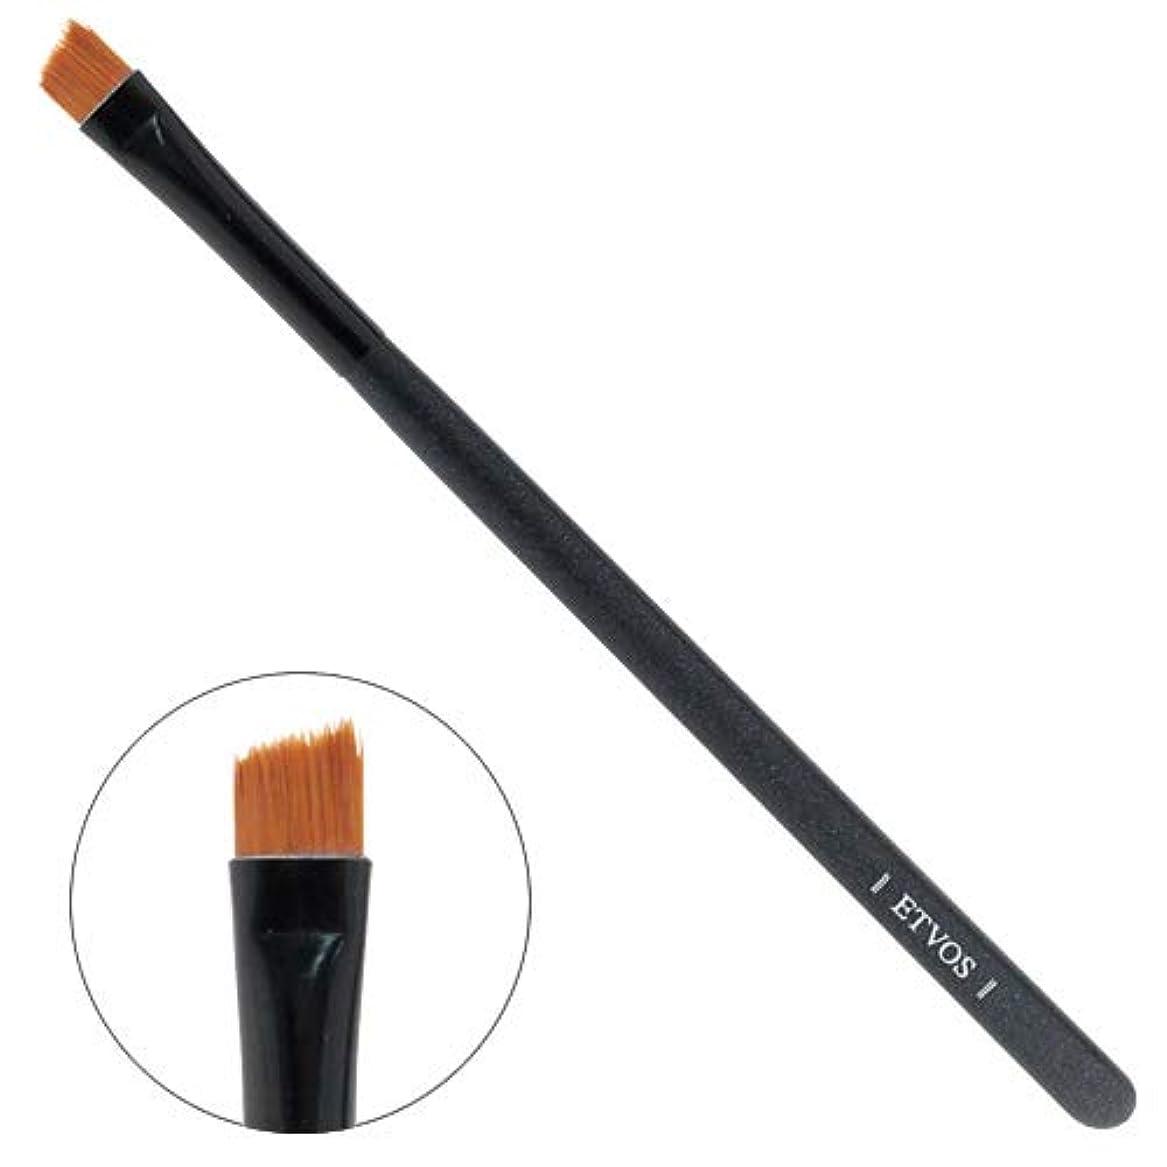 湿ったドレイン明示的にETVOS(エトヴォス) アイライナーブラシ 毛先を斜めカット/目のキワまでアイラインが引ける化粧筆 12.5cm